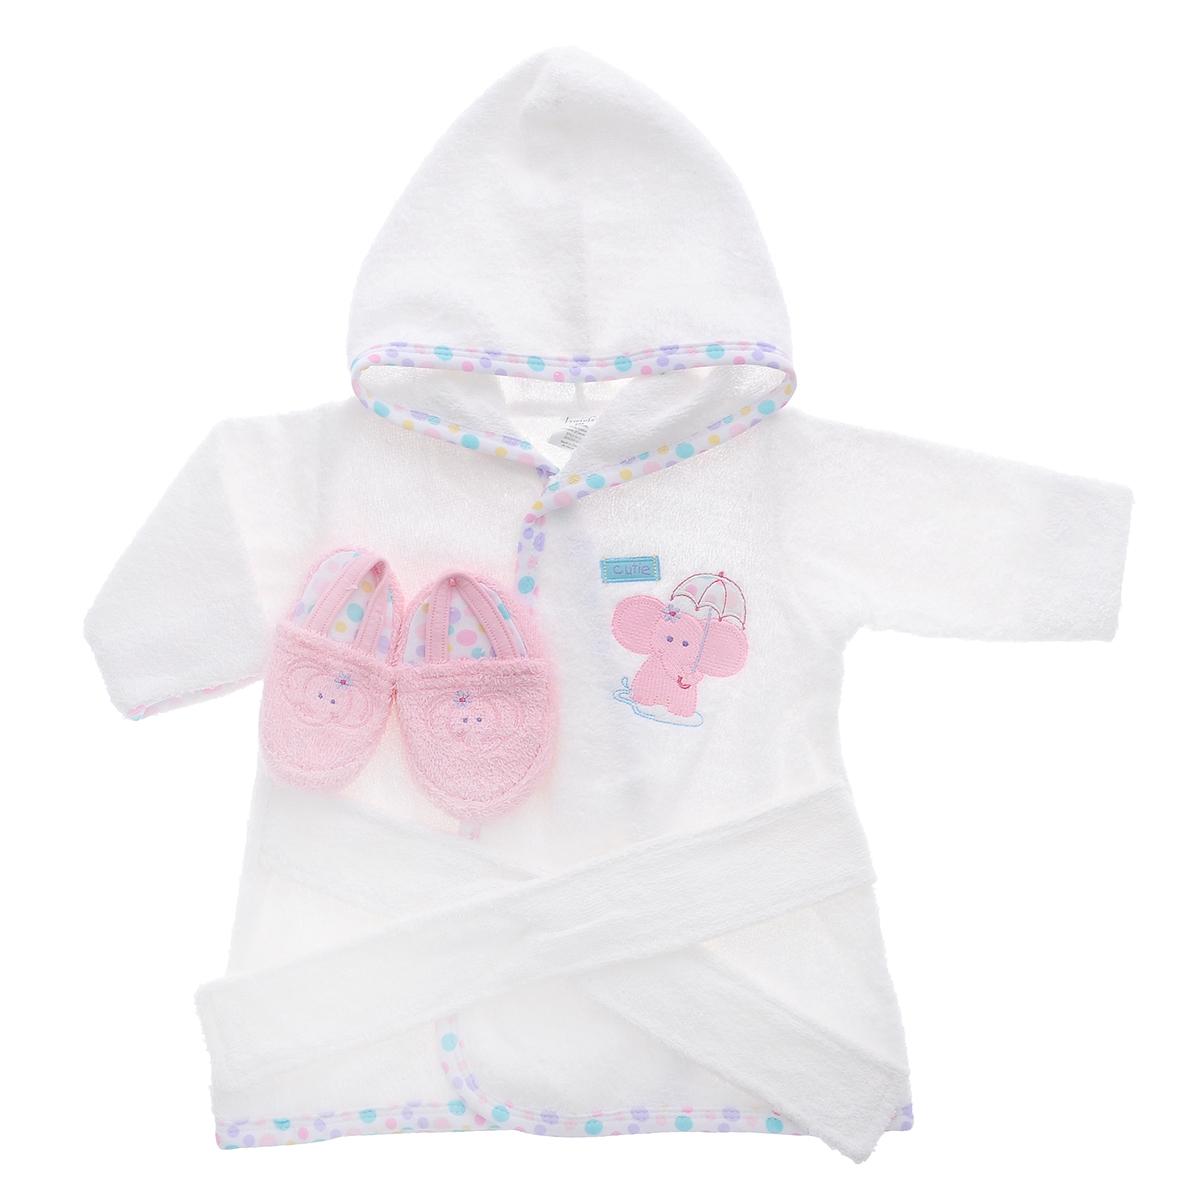 Комплект для новорожденного Luvable Friends: халат, тапочки, цвет: белый, розовый. 05153. Размер 55/72, 0-9 месяцев05153Прекрасный комплект для новорожденного Luvable Friends состоит из банного халатика с капюшоном и тапочек-пинеток. Махровая поверхность хорошо впитывает влагу, защищая малыша от переохлаждения.Халатик и тапочки оформлены веселыми вышивками с изображением забавных животных. Халат на талии дополнен широким пояском, а тапочки эластичной перетяжкой, благодаря чему надежно держаться на ножке. В таком комплекте вашему малышу будет тепло и уютно после купания.